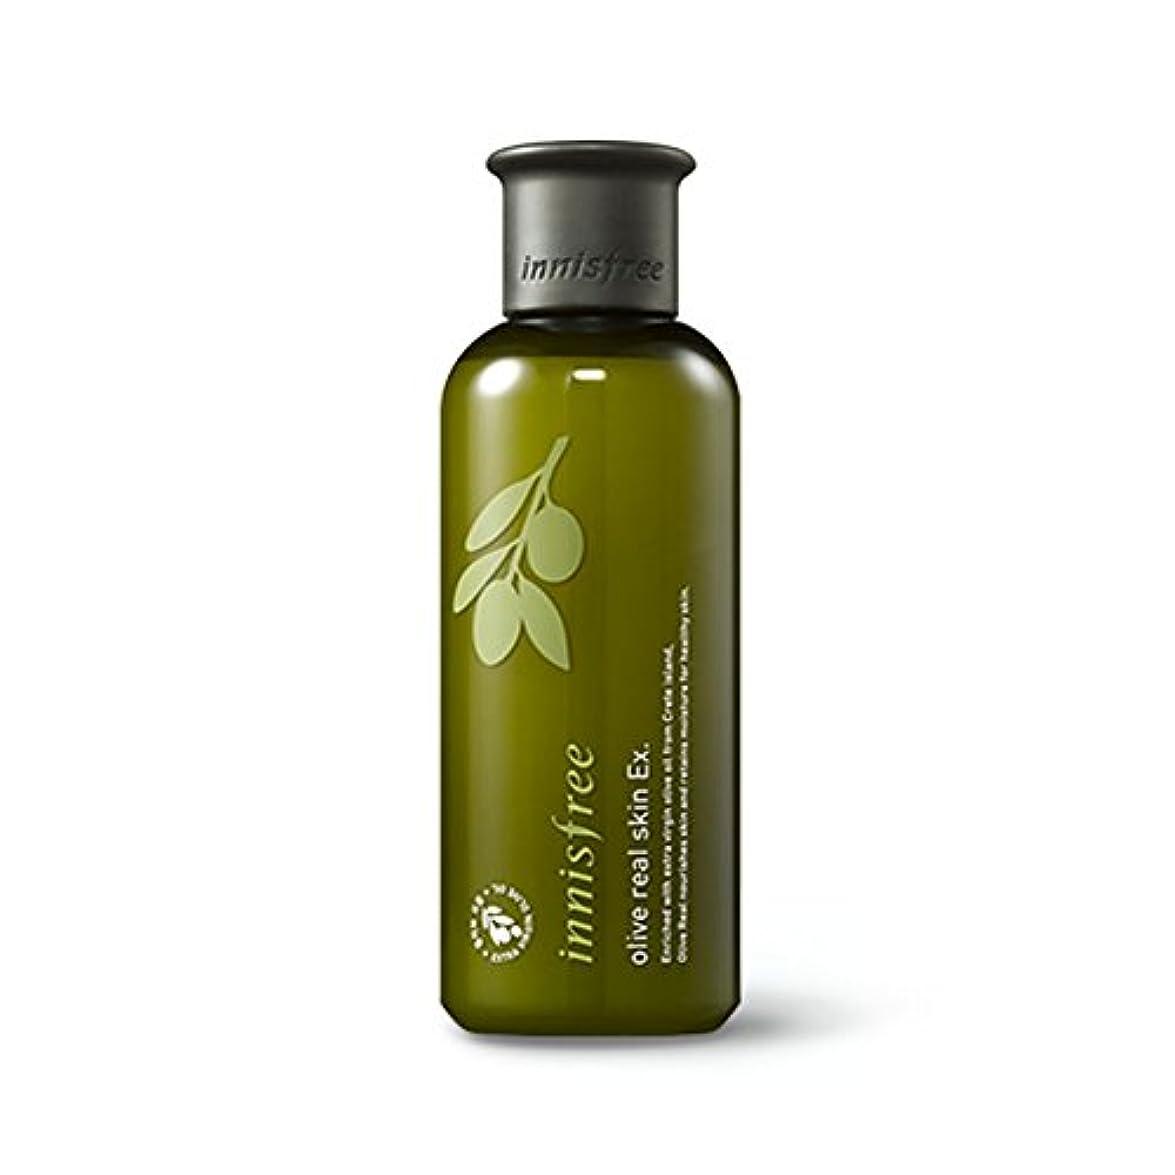 ピービッシュからかうメトリックイニスフリーオリーブリアルスキン 200ml Innisfree Olive Real Skin Ex. 200ml [海外直送品][並行輸入品]